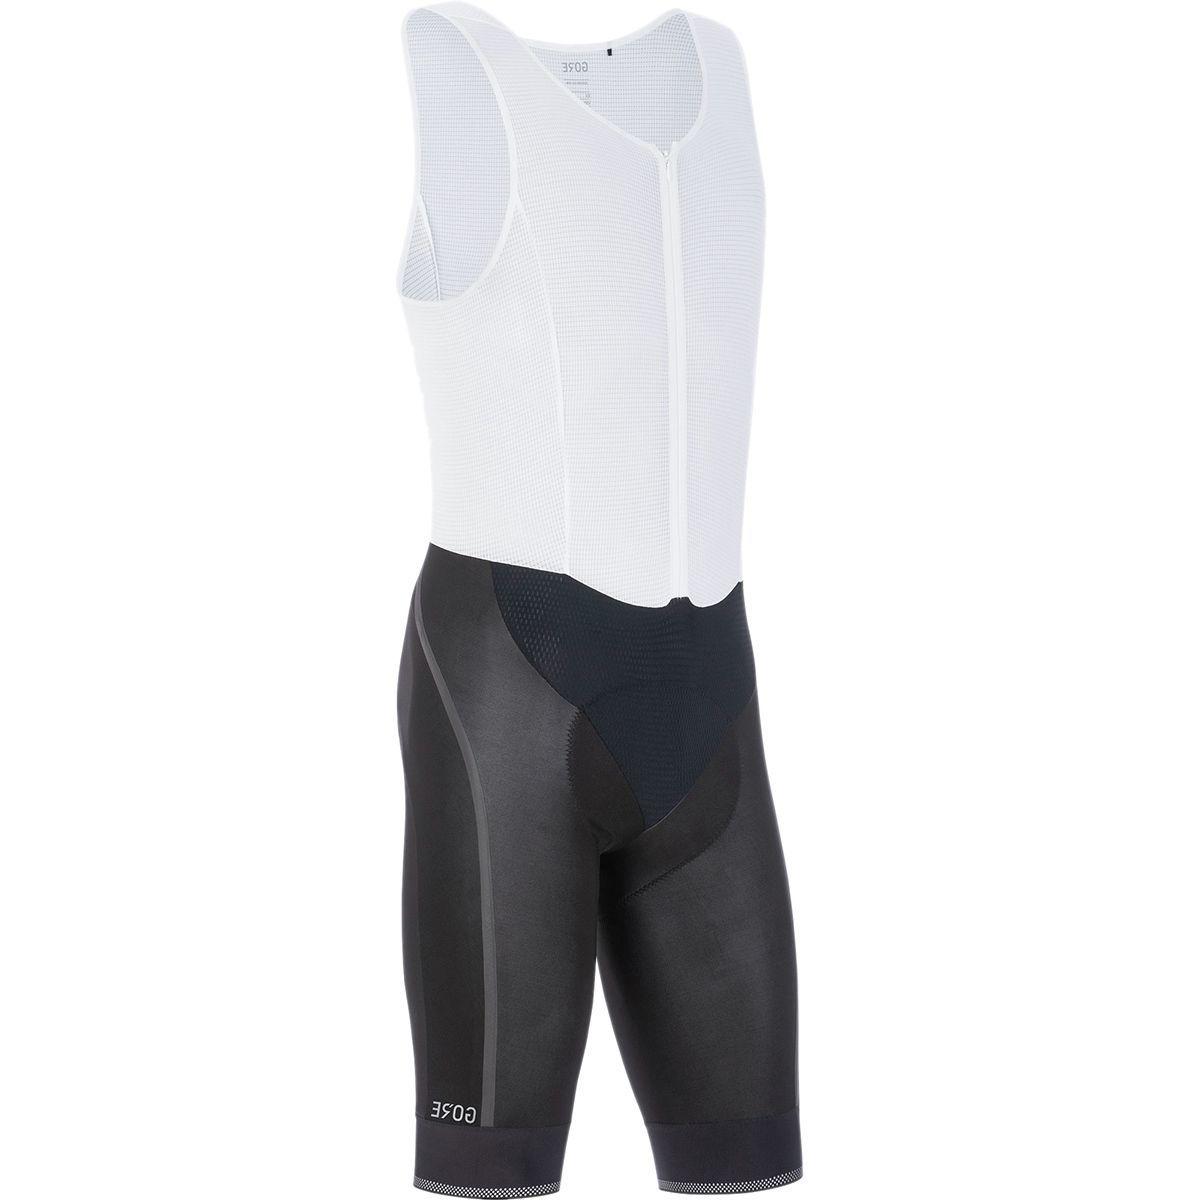 Gore Wear C7 Gore-Tex Infinium Bib Short+ - Men's